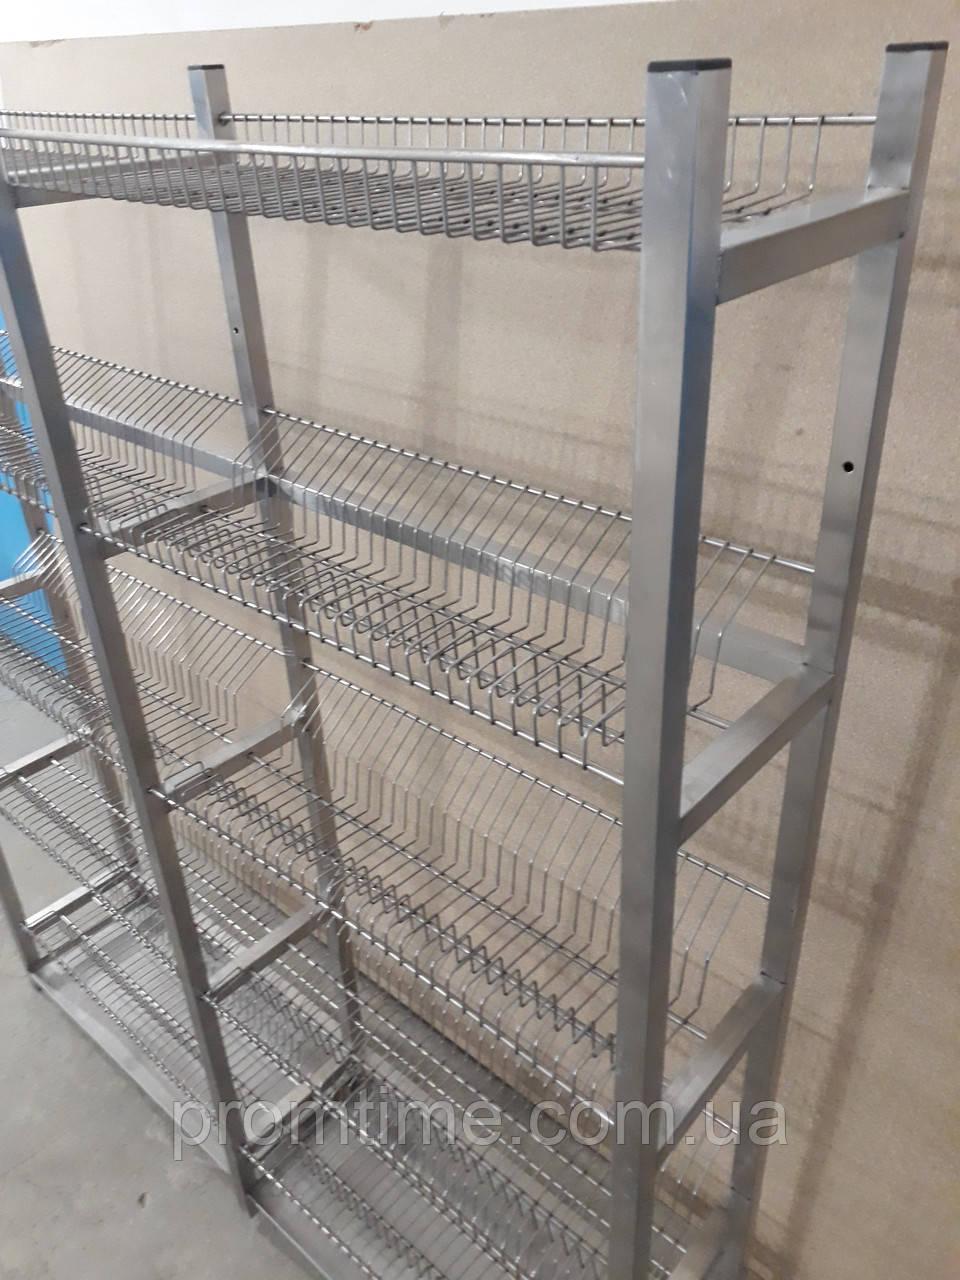 Стеллаж для сушки посуды 1600х320х2000